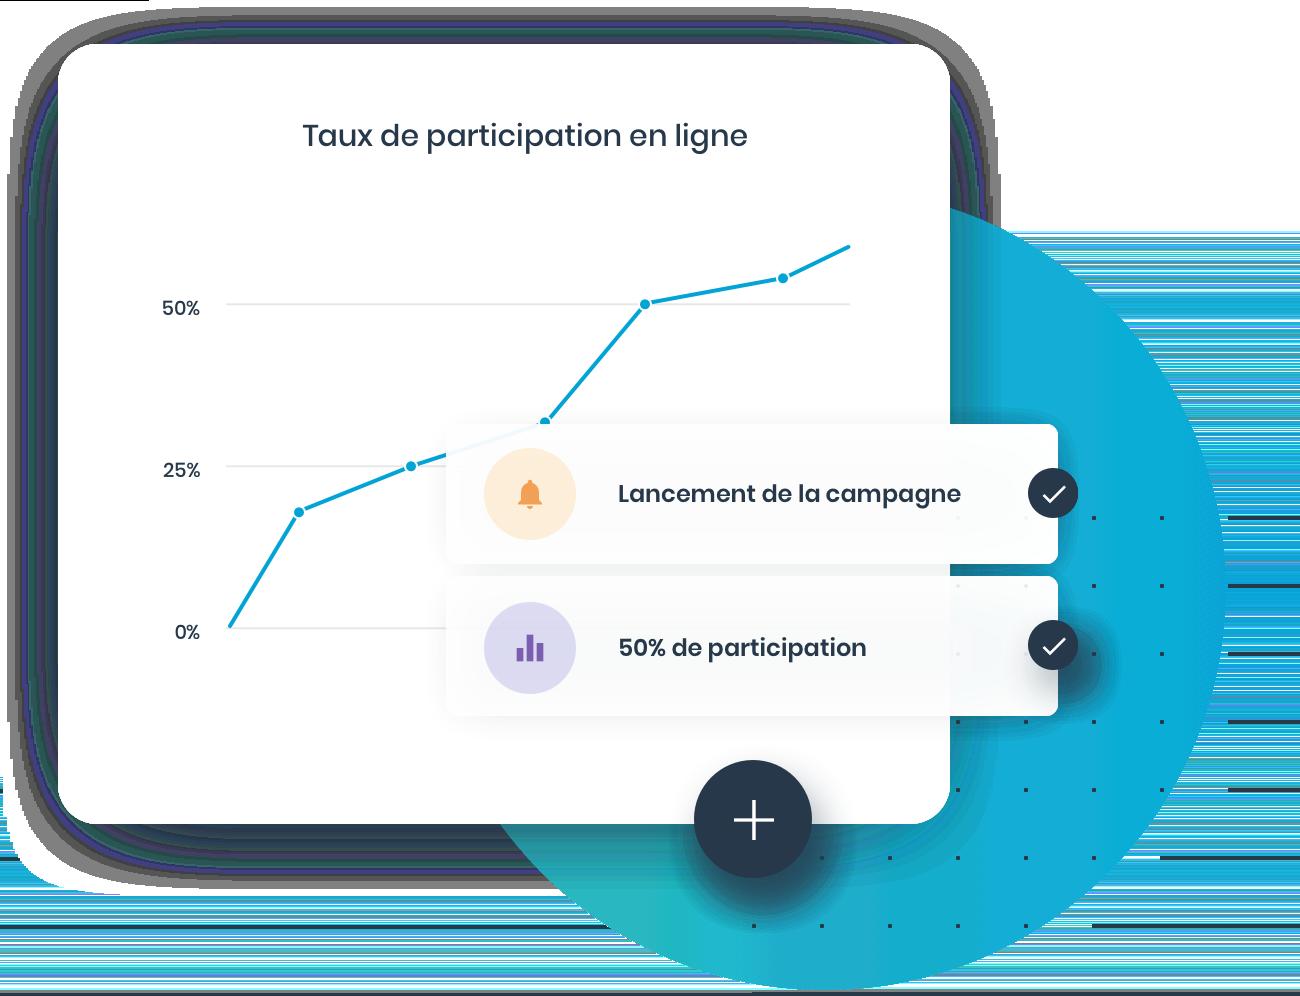 Interactivité avec l'interface de vote en ligne